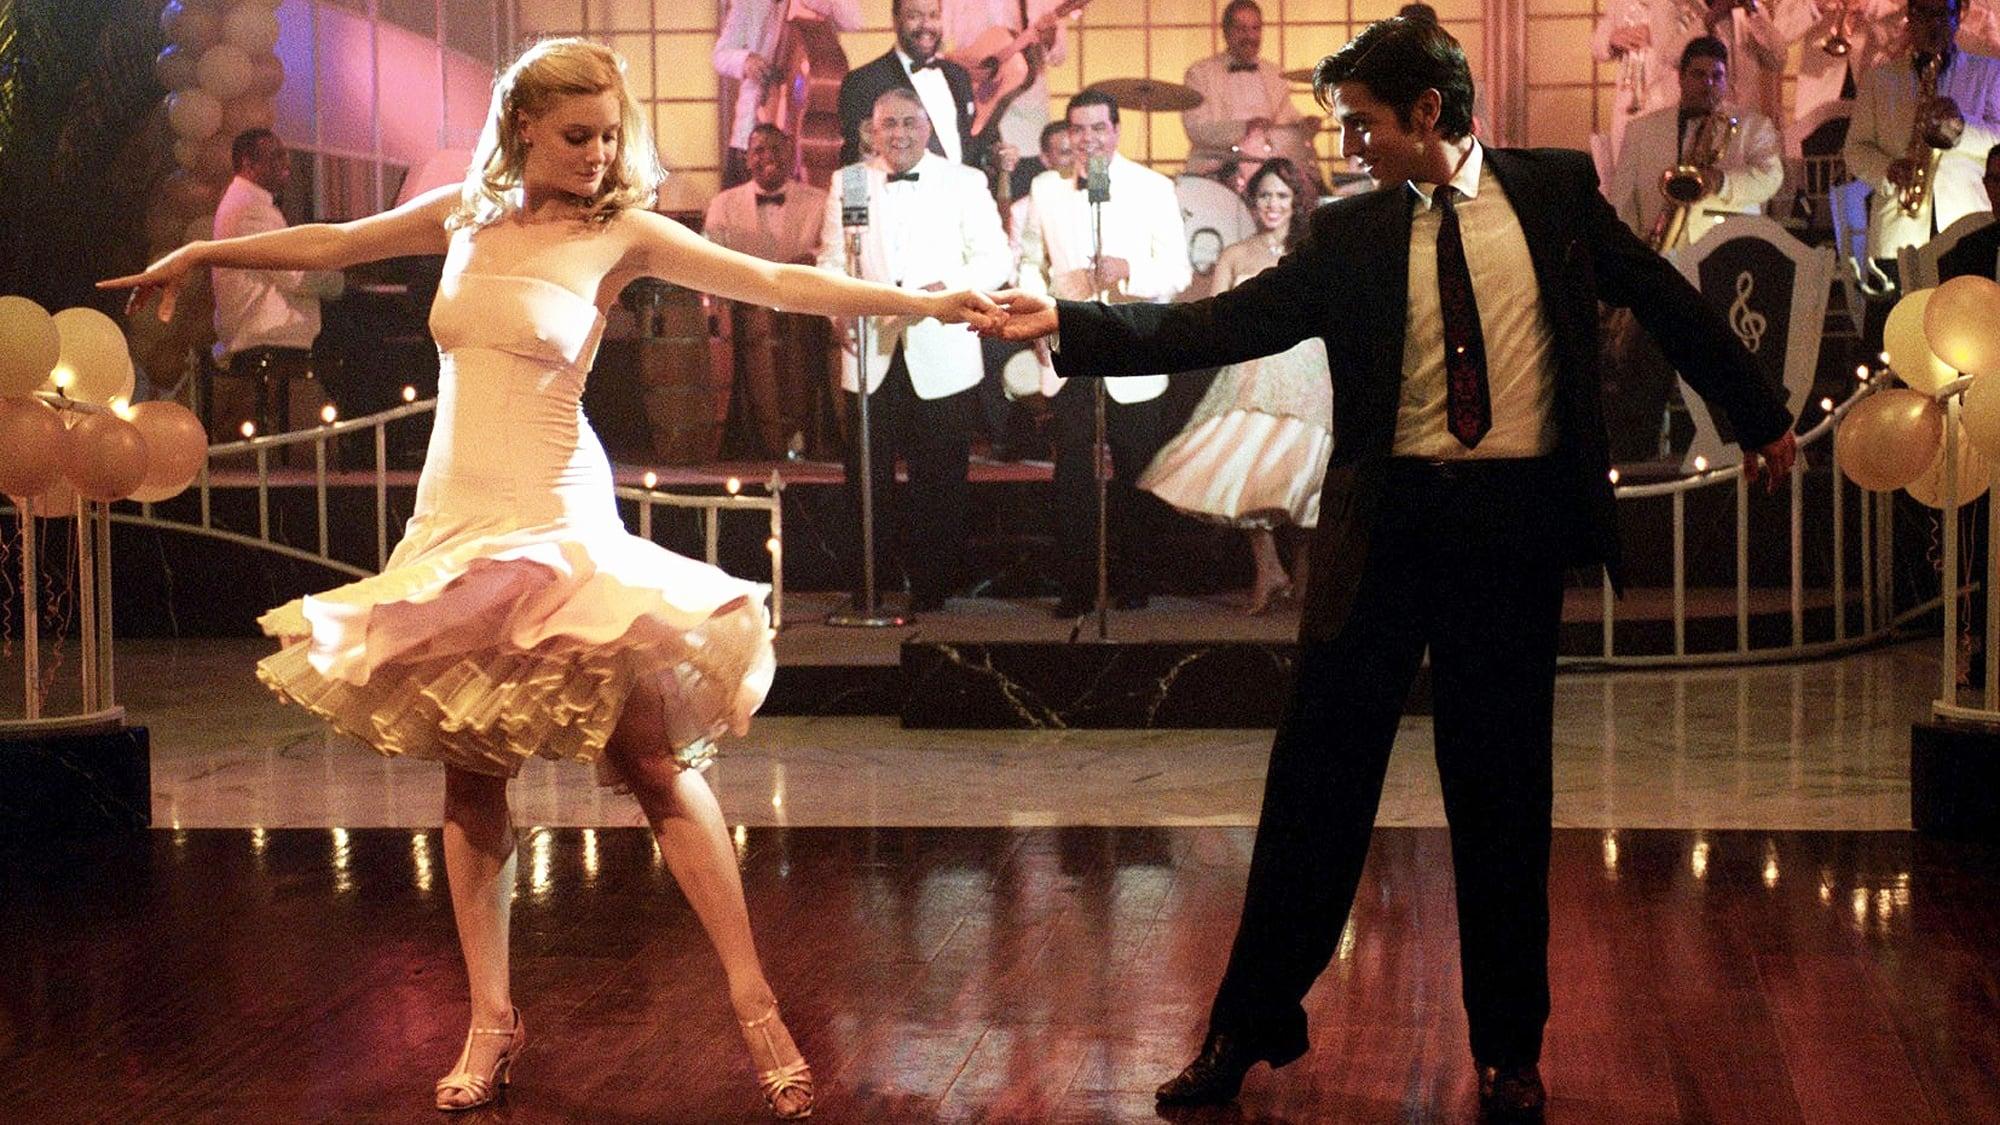 Romeo and juliet versus dirty dancing